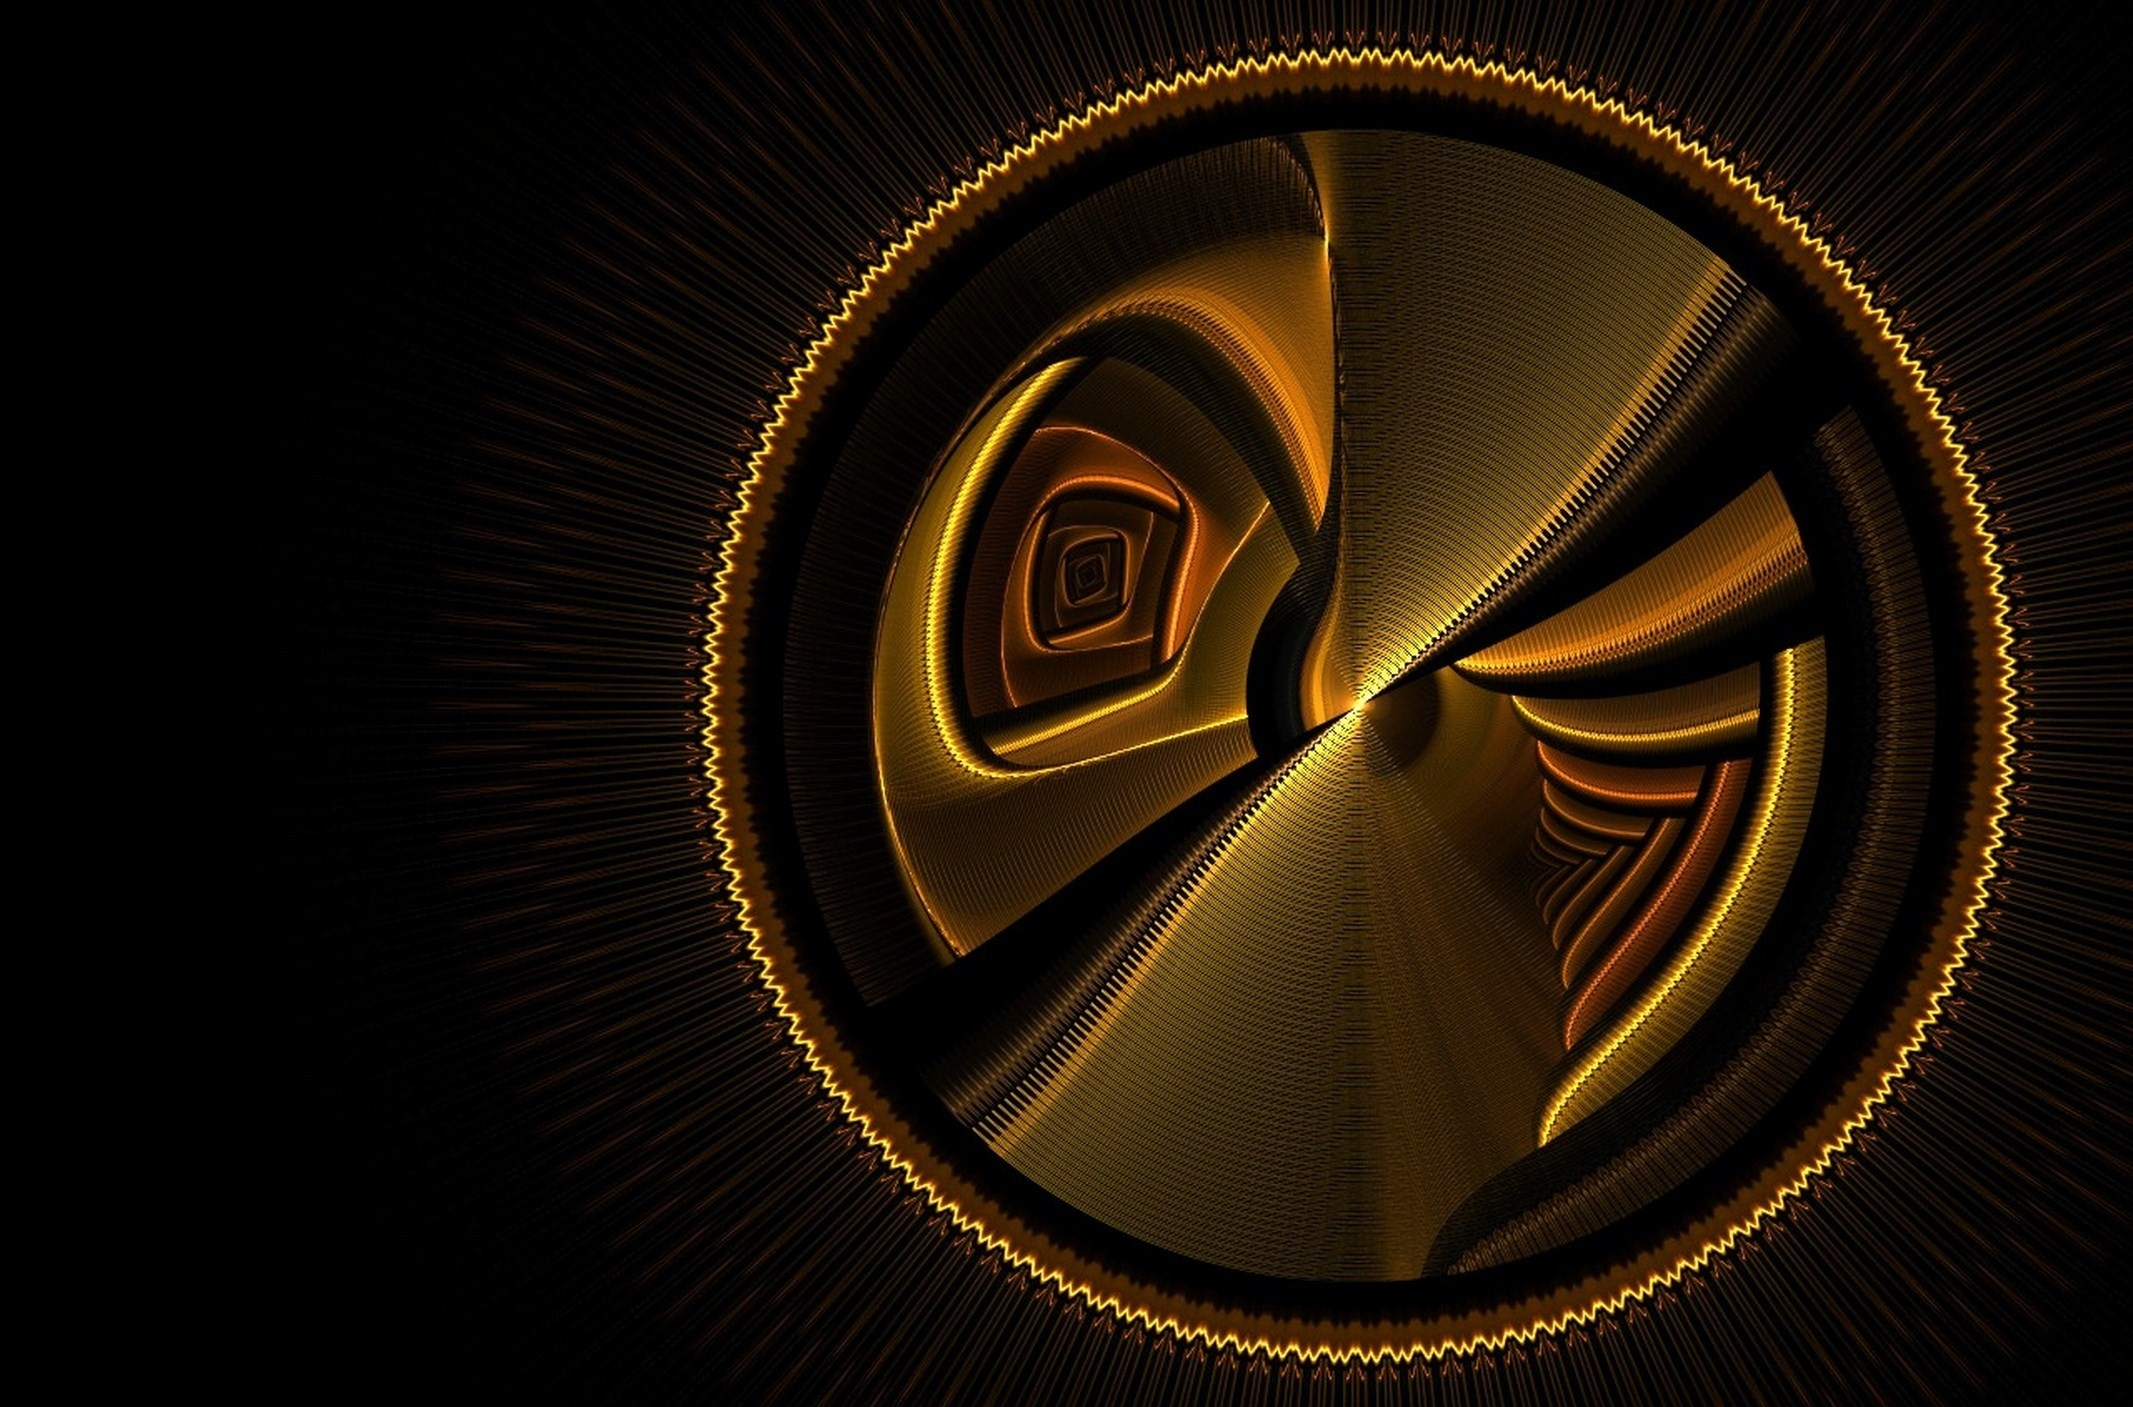 118769 Hintergrundbild herunterladen Kreise, Abstrakt, Hintergrund, Dunkel, Linien - Bildschirmschoner und Bilder kostenlos